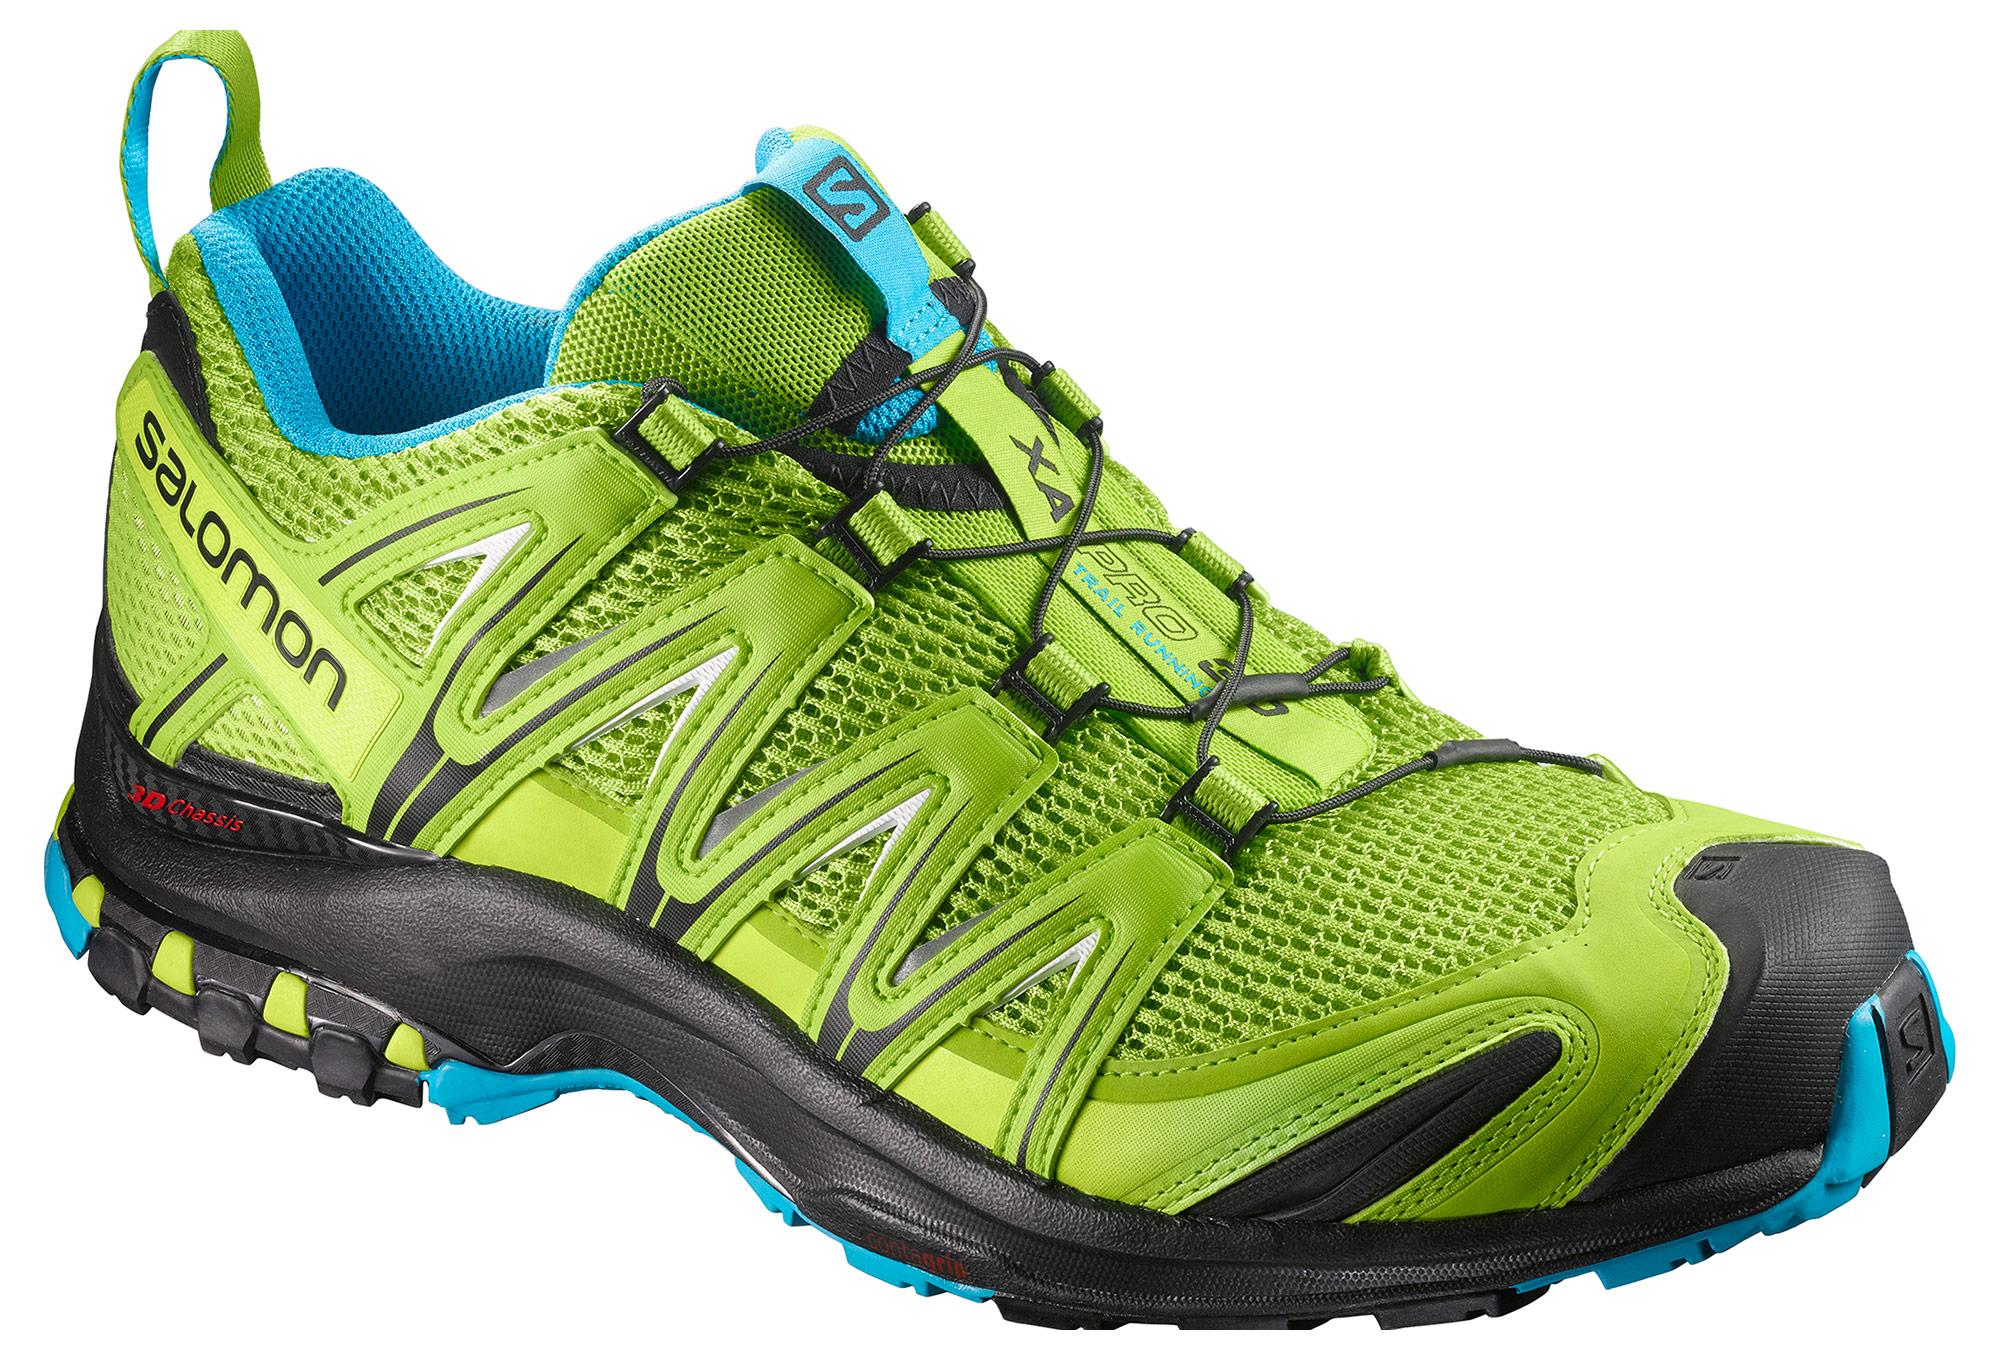 Bleu Pro Salomon 3d Vert Trail Chaussures Xa MqzVSUp